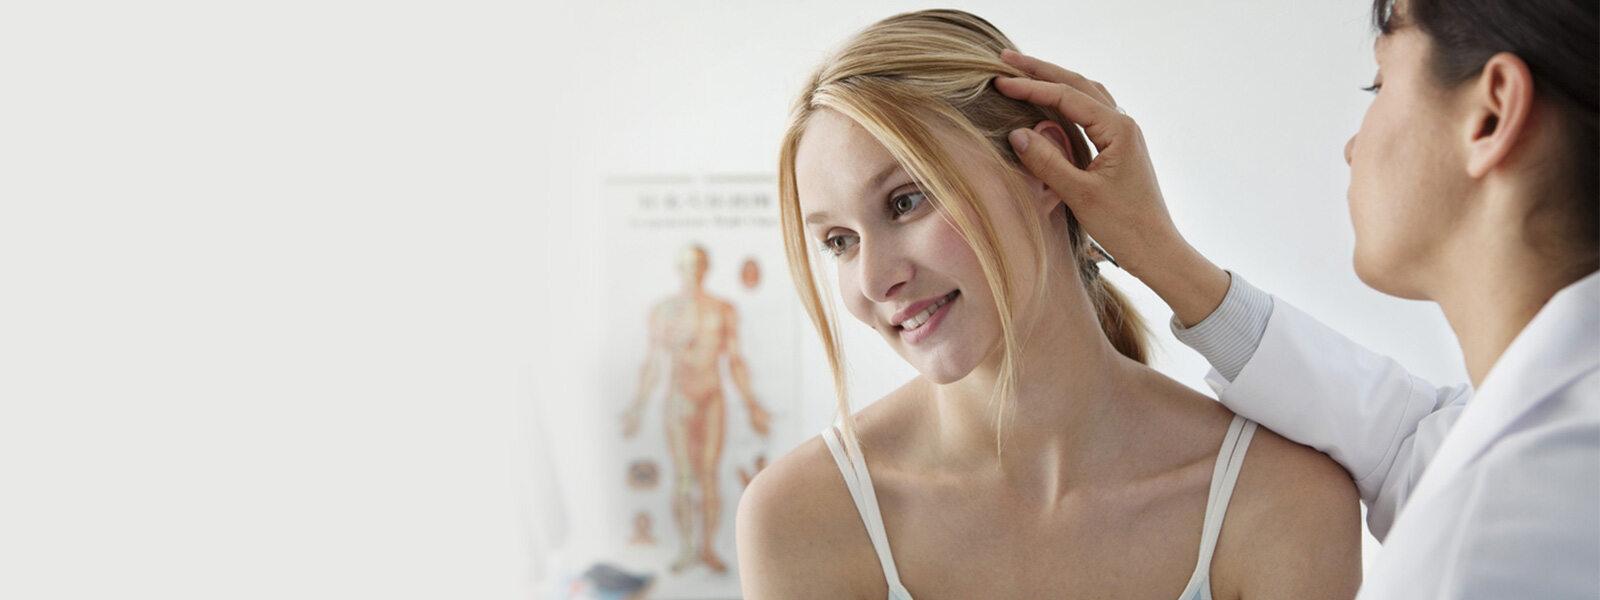 médecin inspectant la perte de cheveux d'une femme